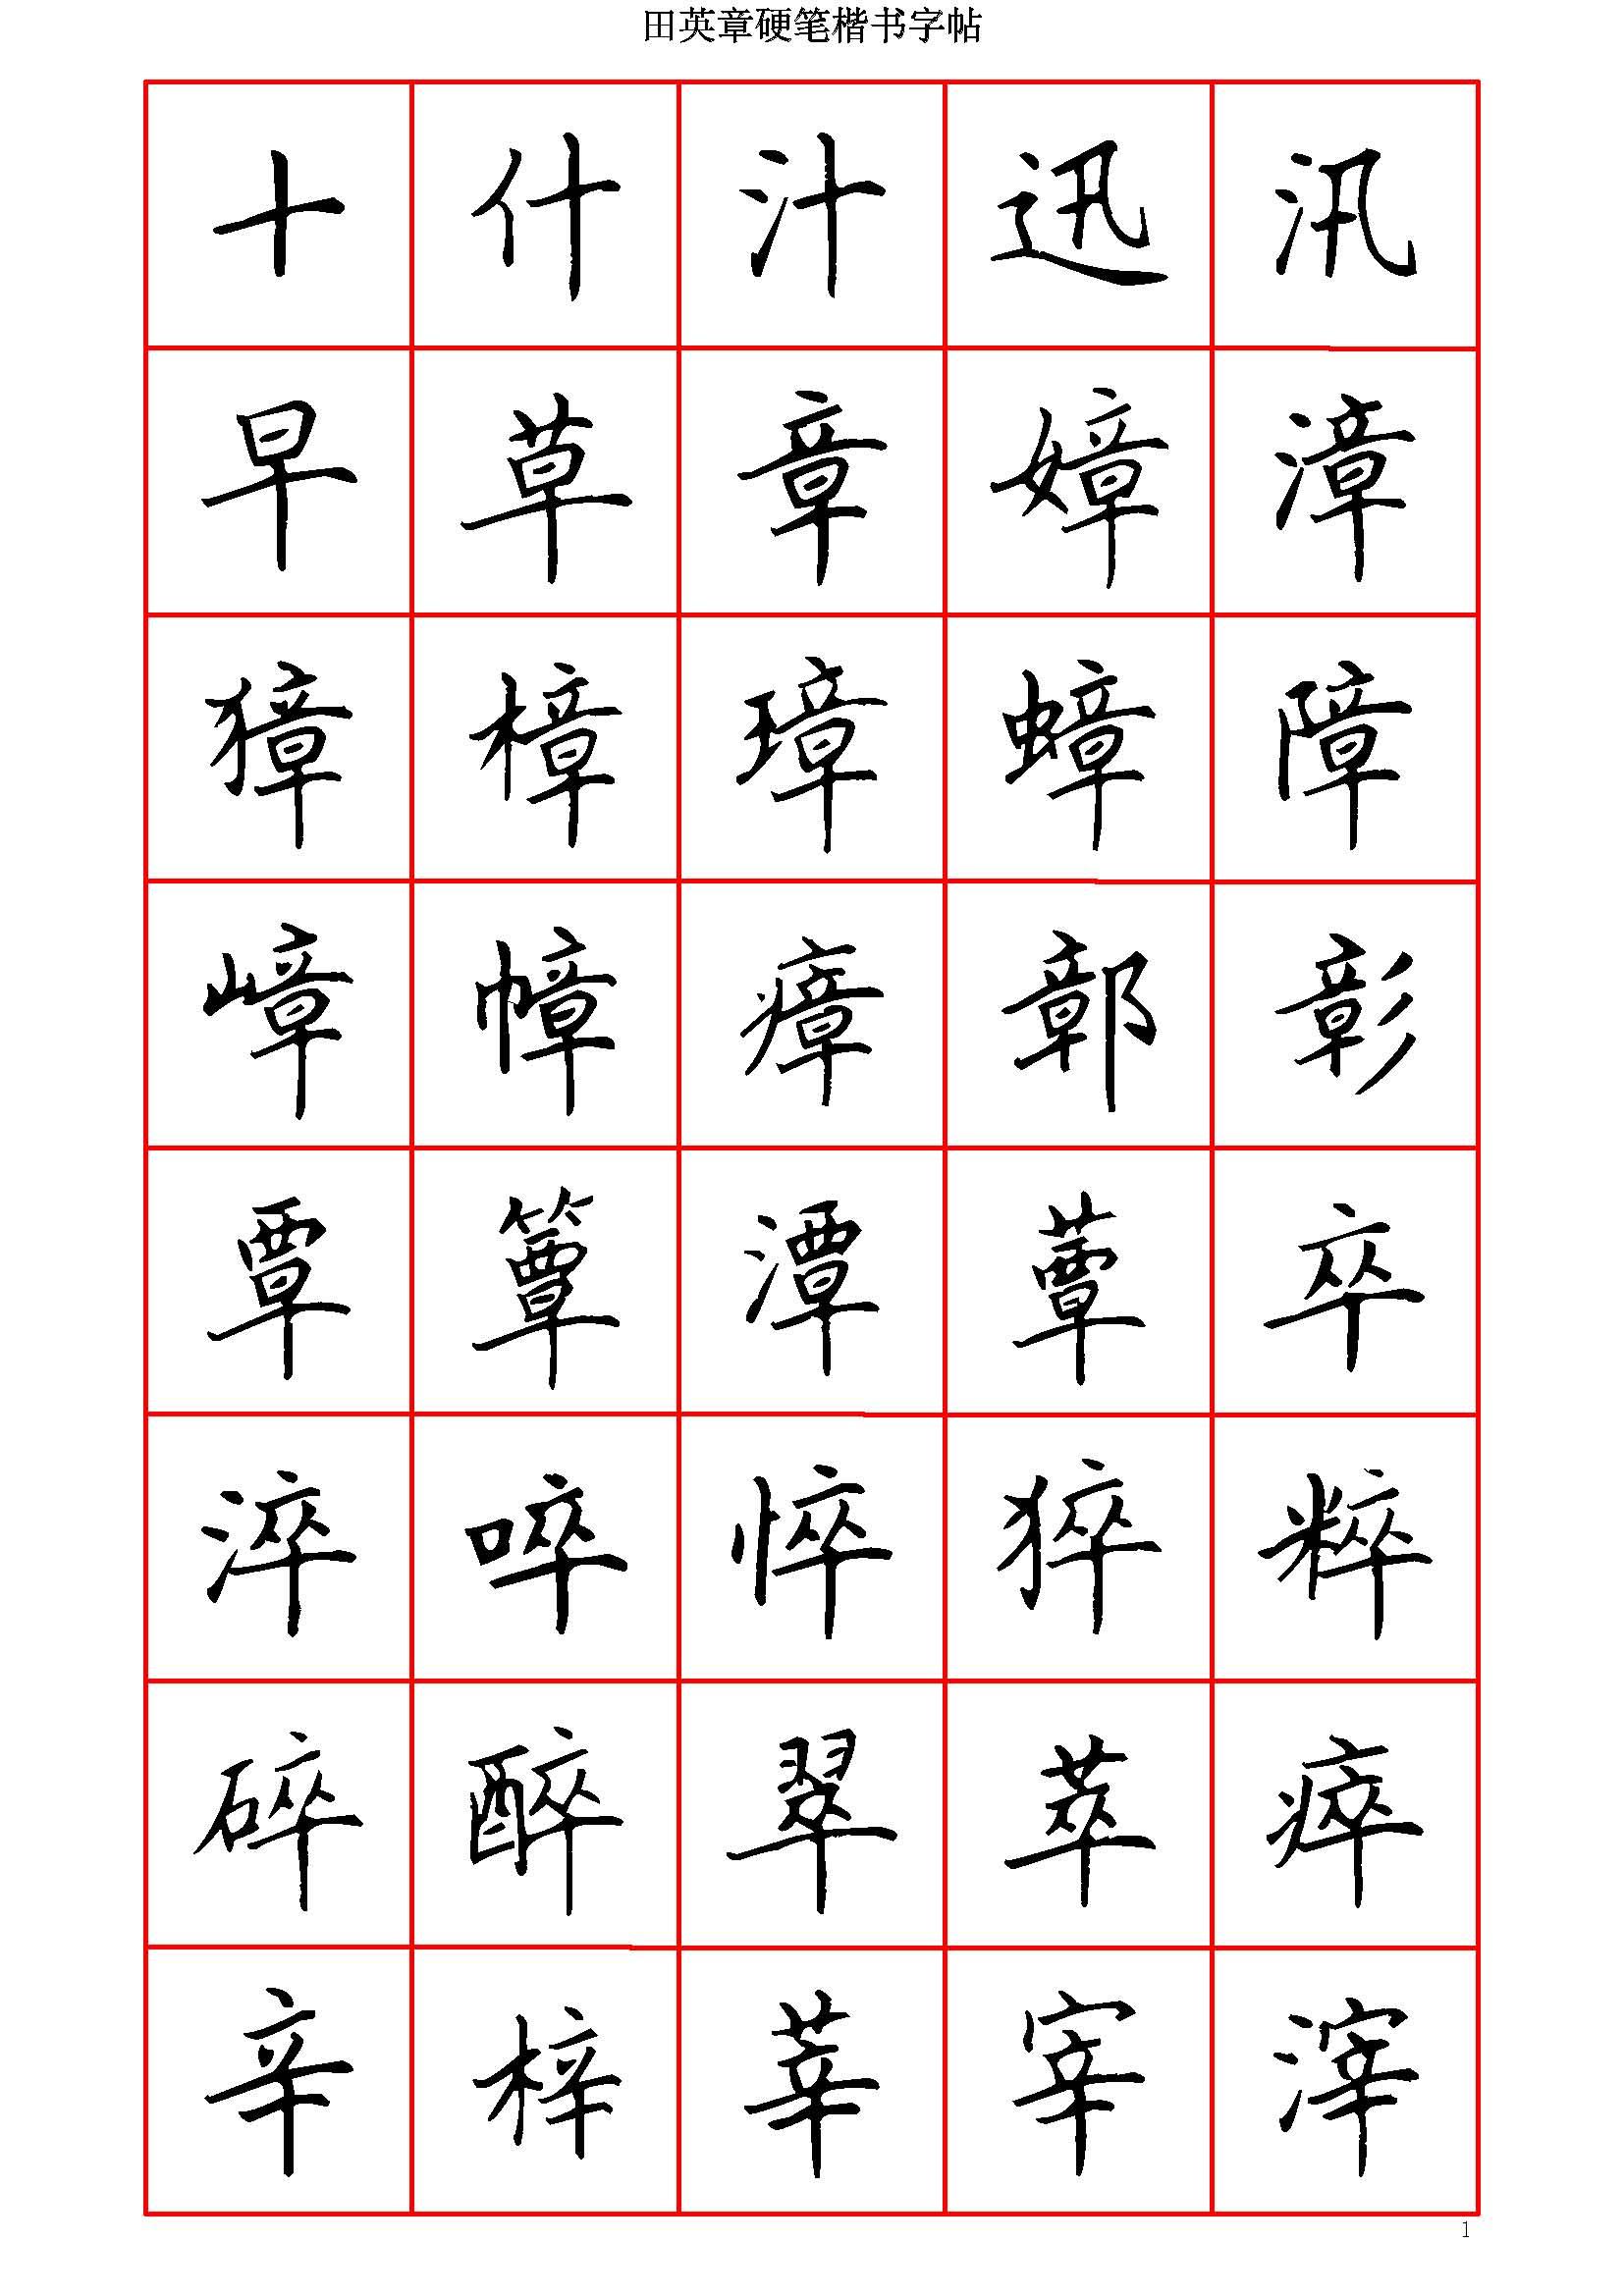 二月阳手写对联定制 万年红 全年红 福字 春字 寿字 囍字图片